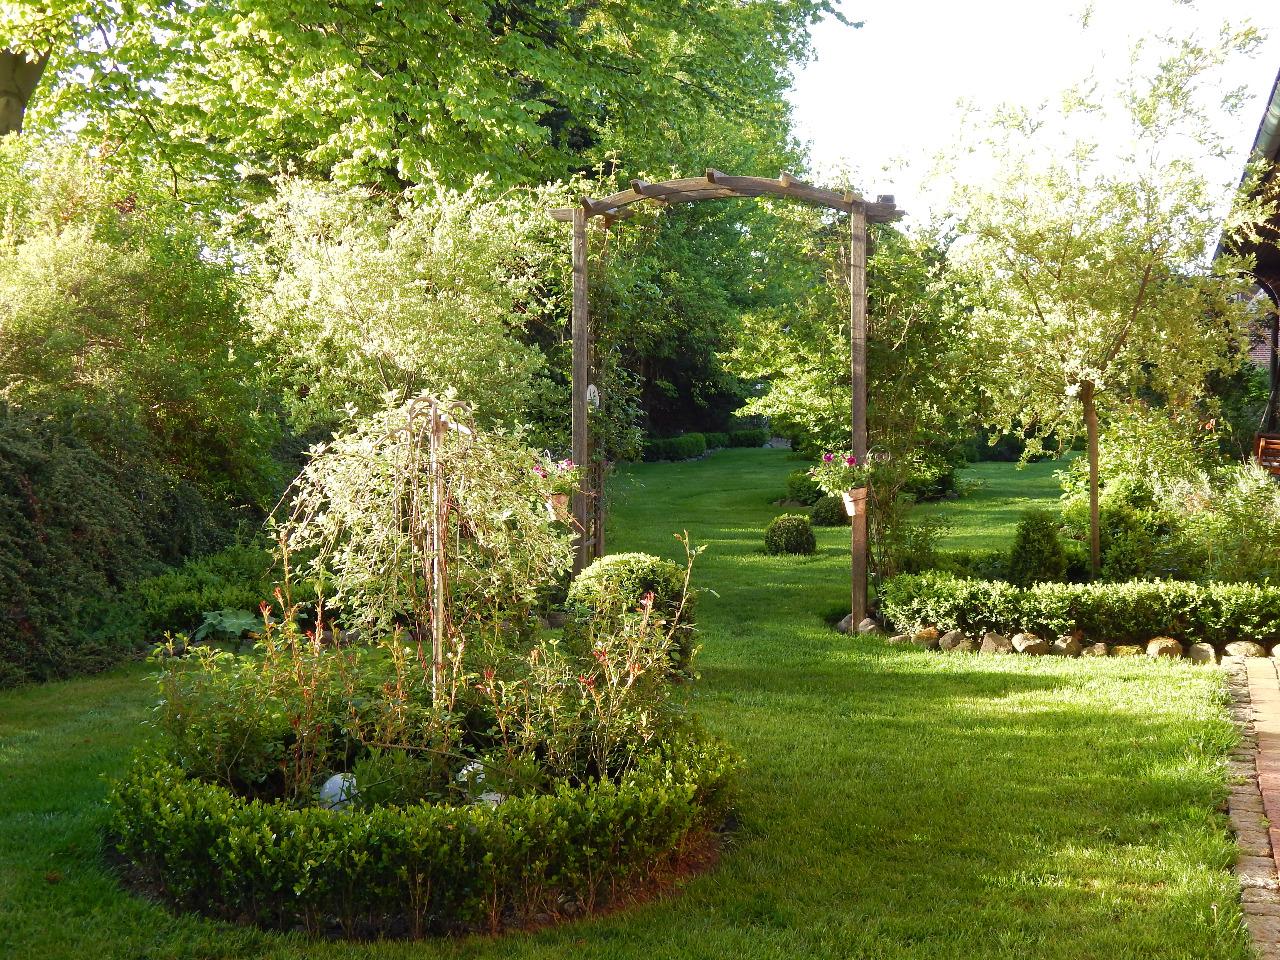 terrassen beispiele garten mit kleiner garten unzahlige 83 und debbiesgarten inselbeete mit terrassen beispiele garten